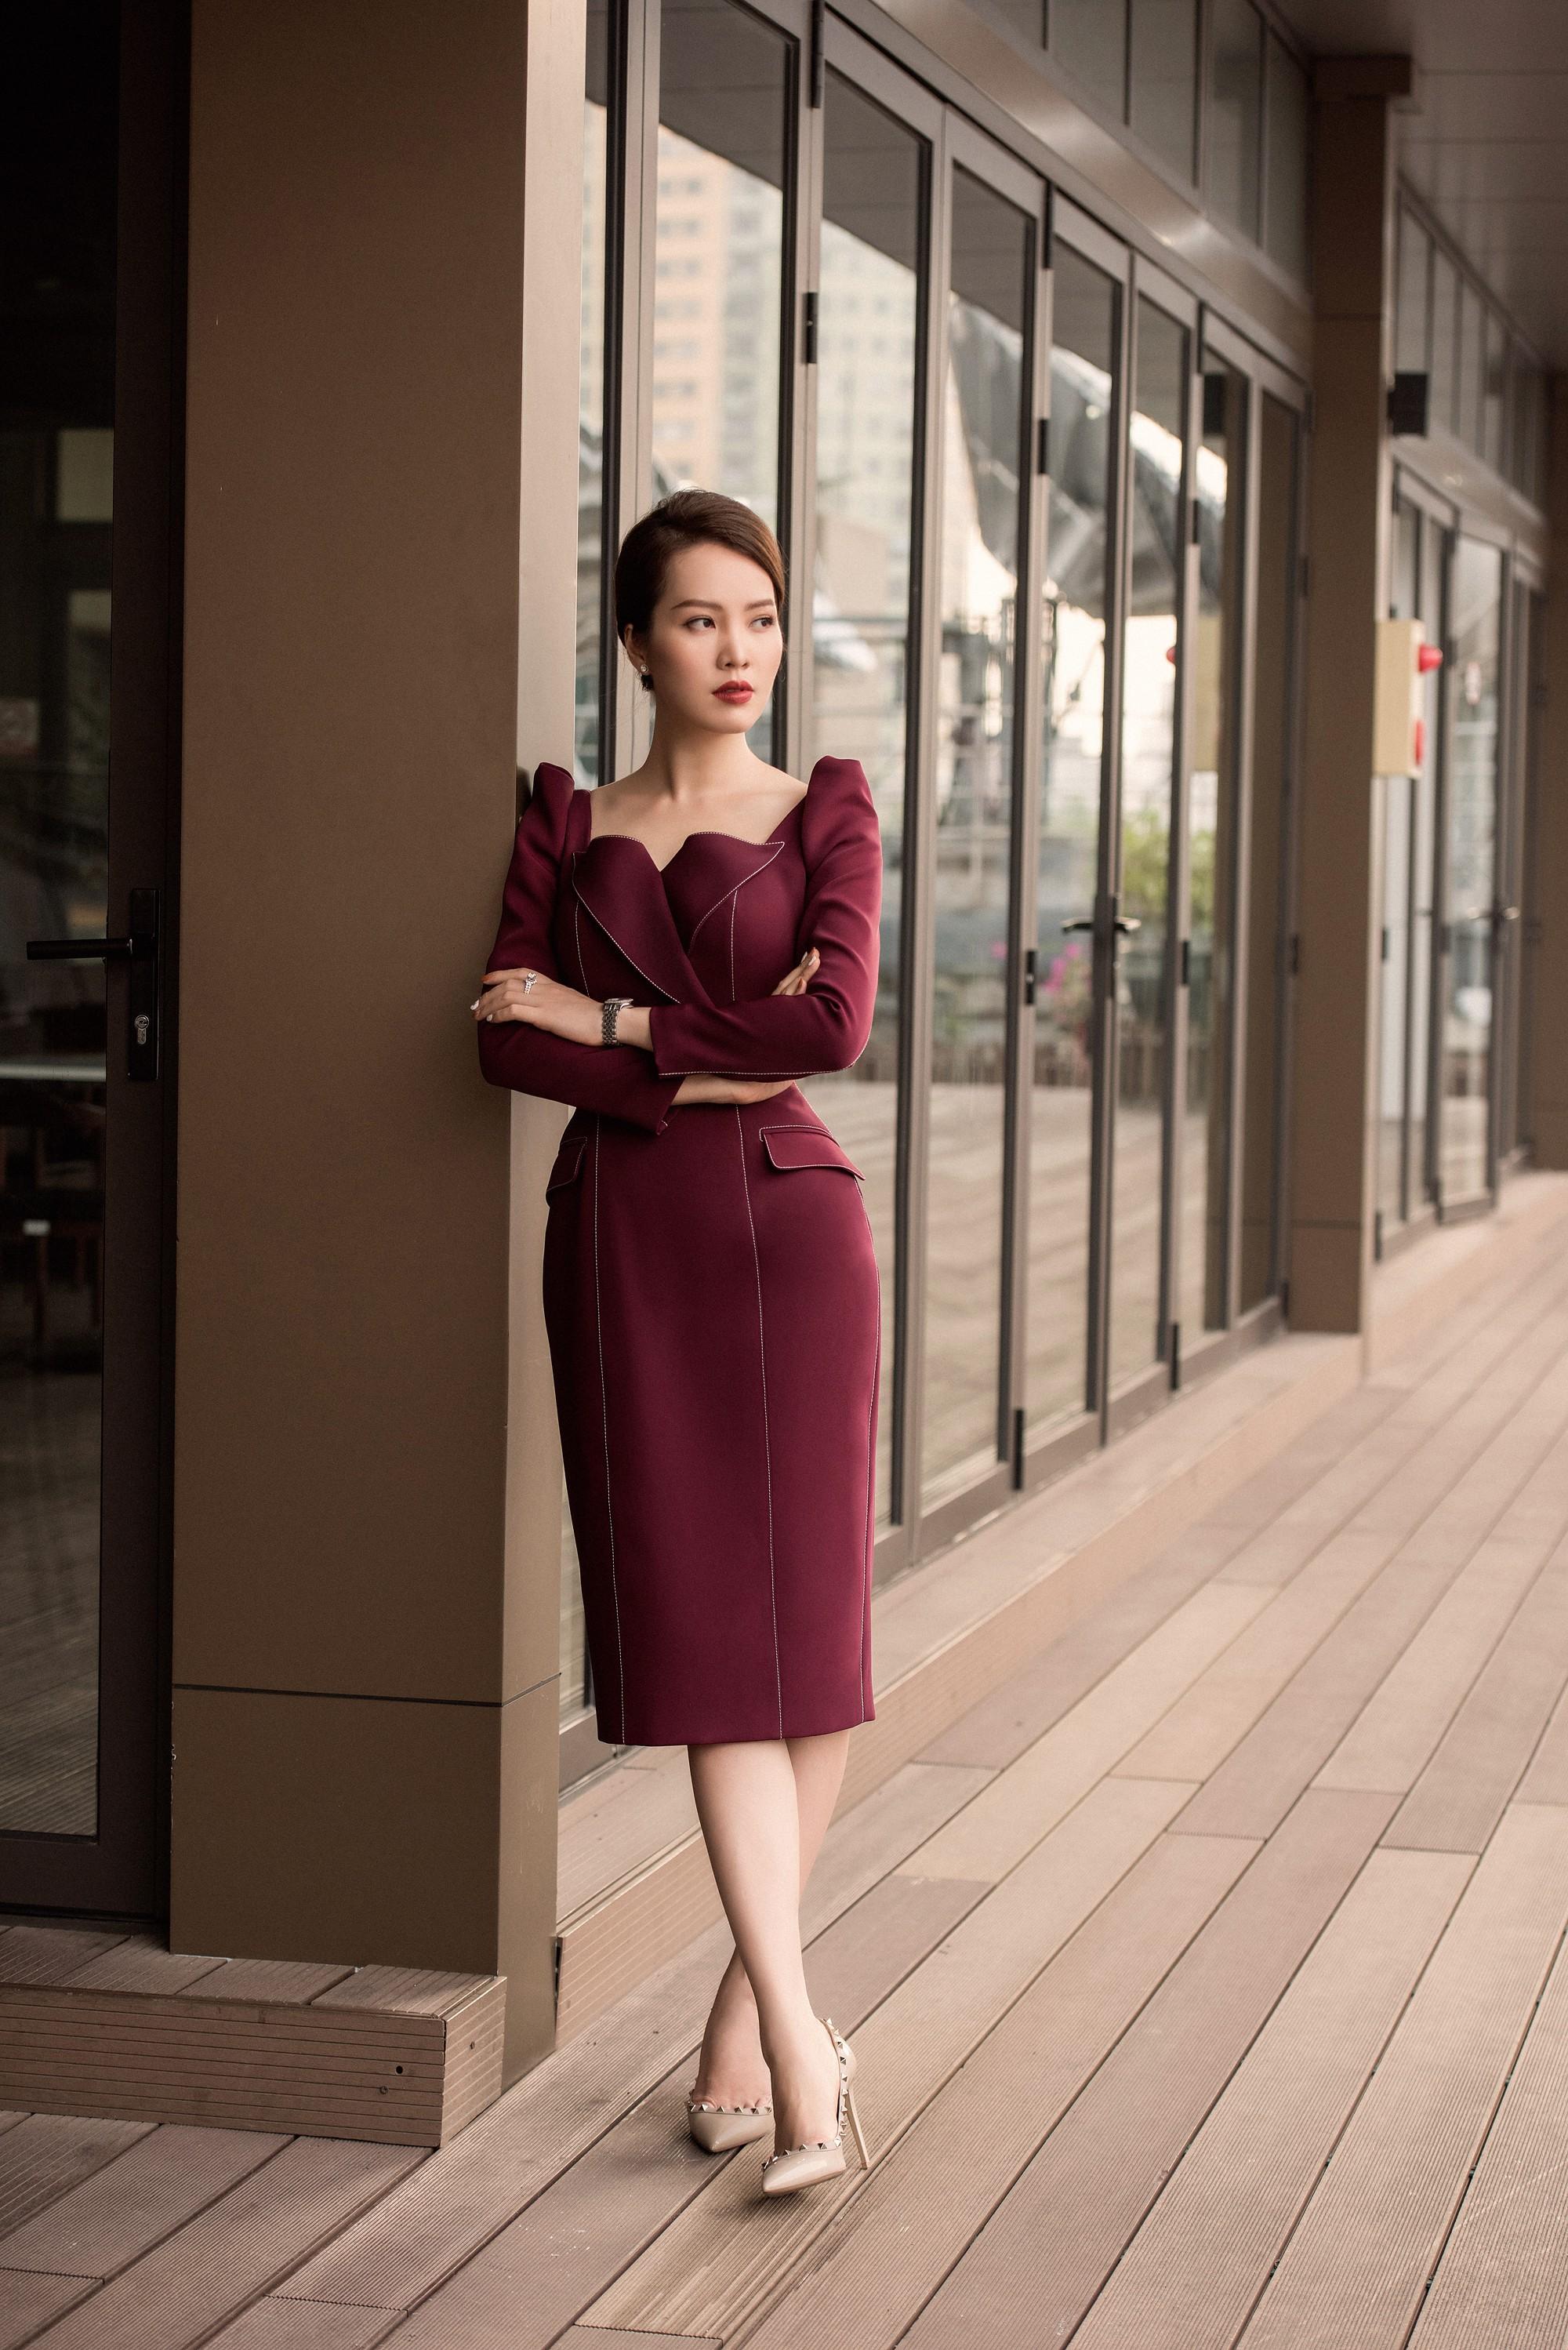 Á hậu Thụy Vân: Nữ MC chỉn chu nhất VTV, chưa một lần mắc lỗi trang phục trên sóng truyền hình 1